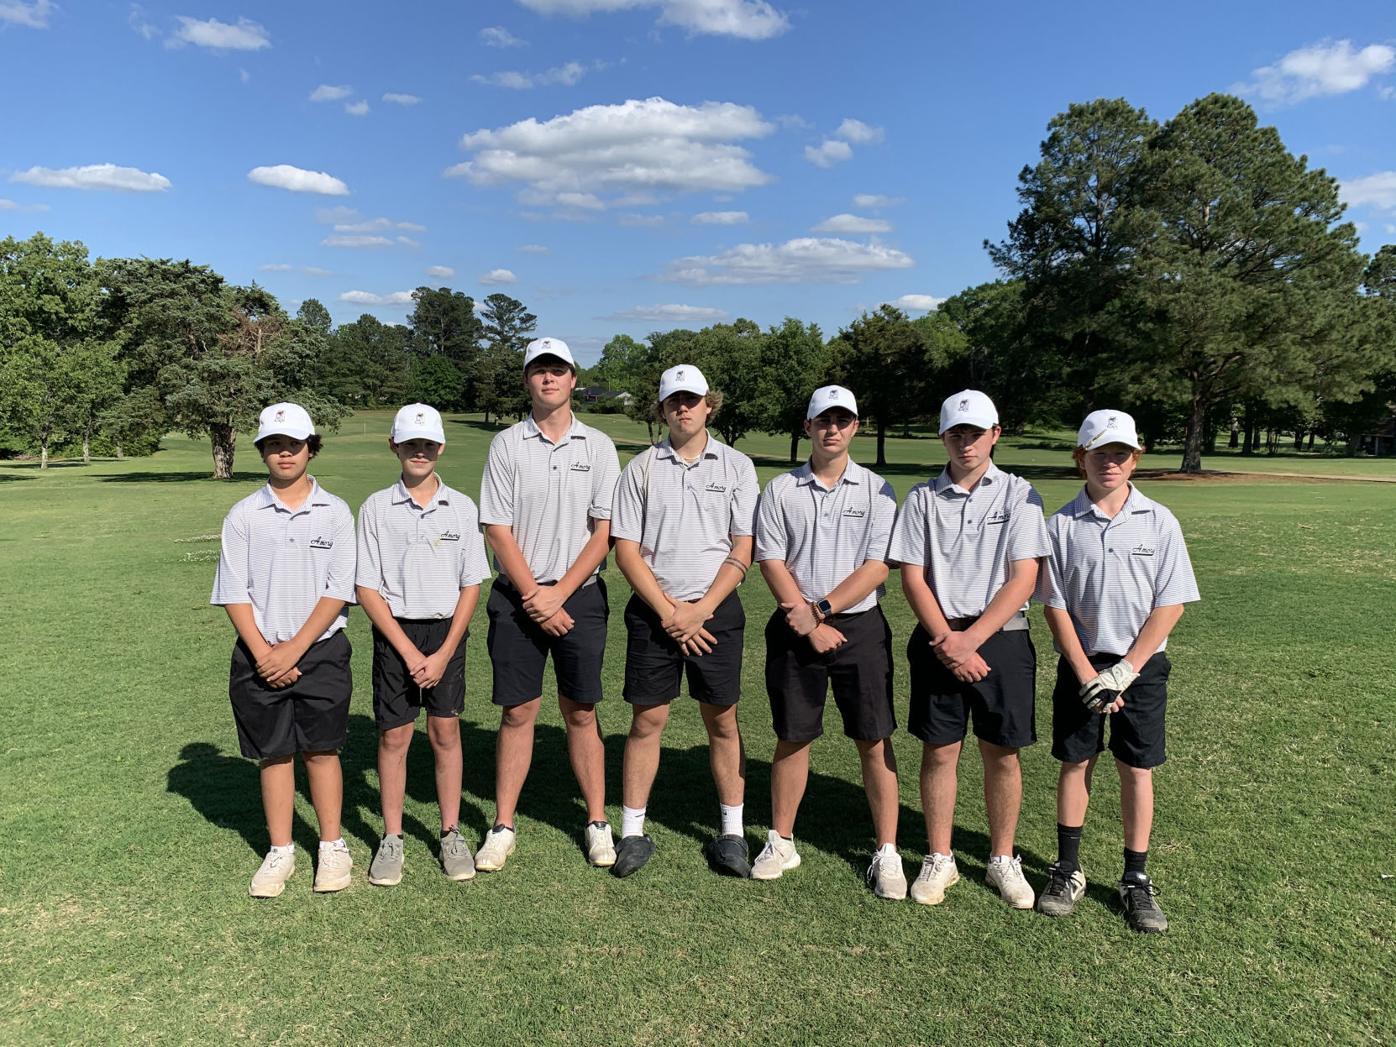 mcj-2021-05-12-sports-golf2